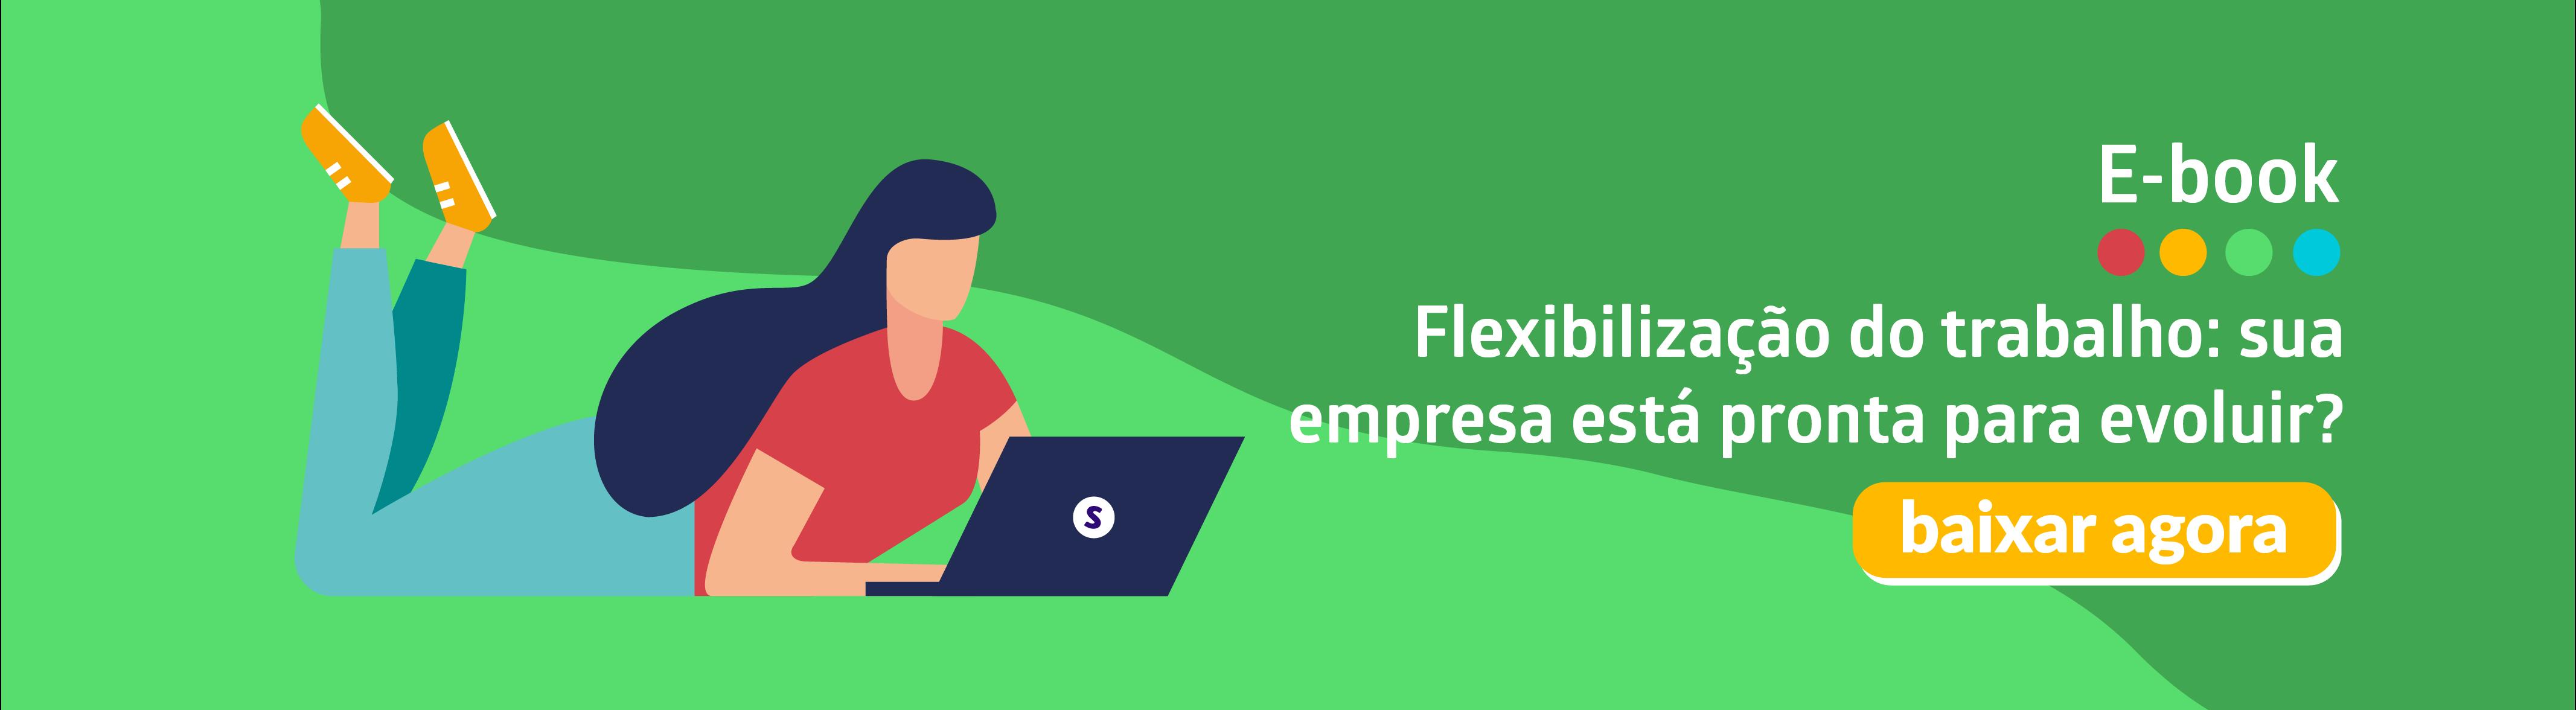 Banner_Flexibilizacao_do_Trabalho